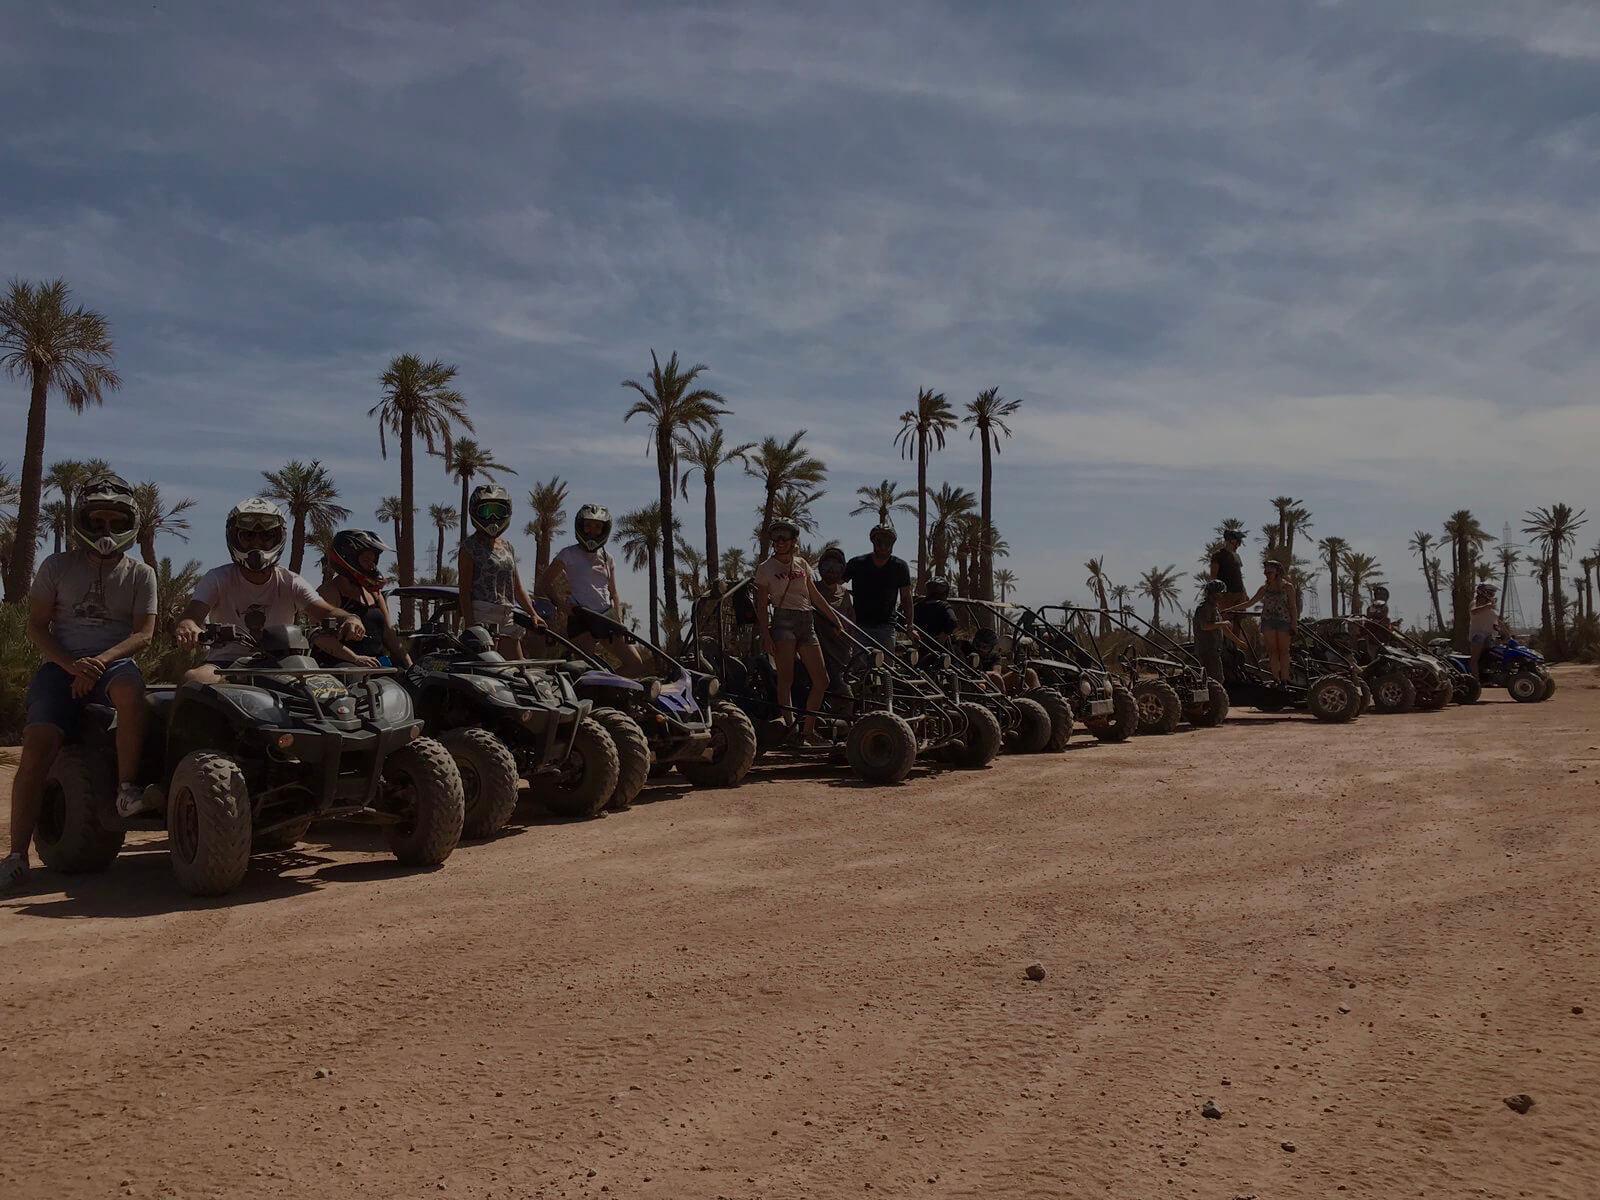 Atterrissage en douceur à Marrakech!